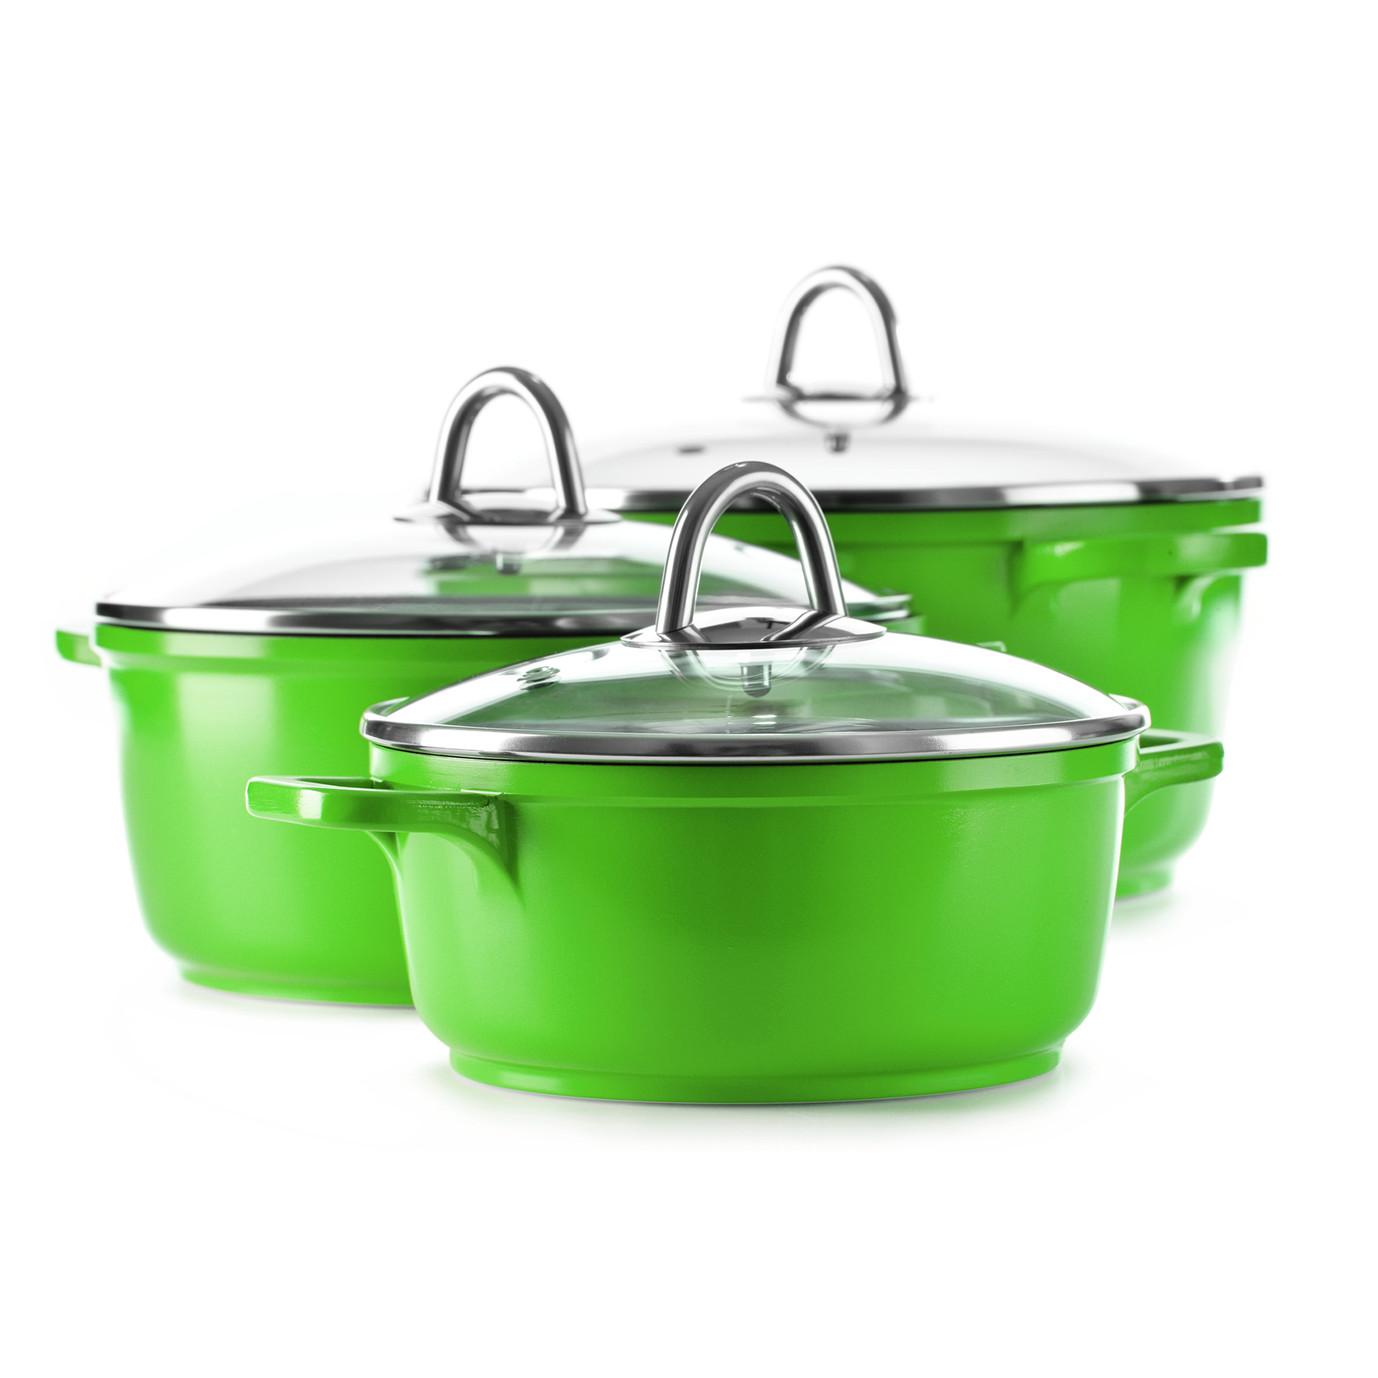 green cooking pots storefront. Black Bedroom Furniture Sets. Home Design Ideas